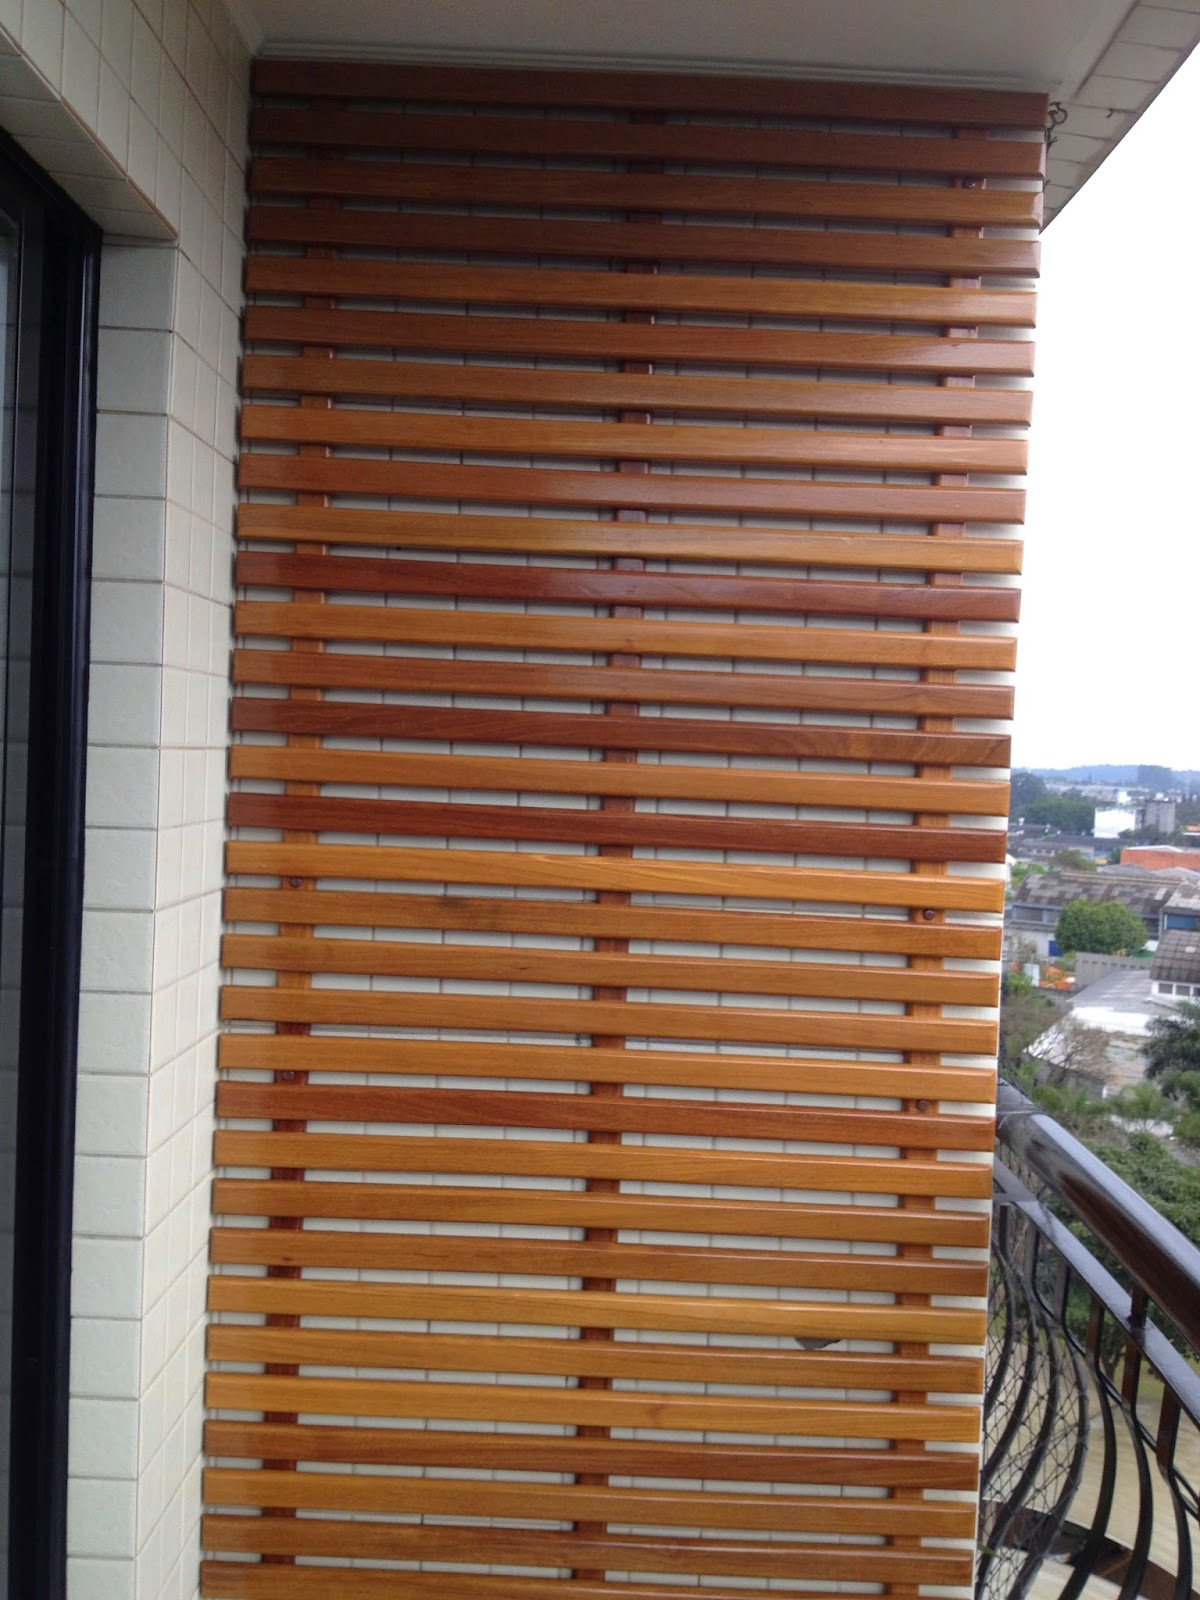 jardim vertical para varanda de apartamento:Atelier do Zero: Jardim Vertical de cumaru para o apartamento da Laura